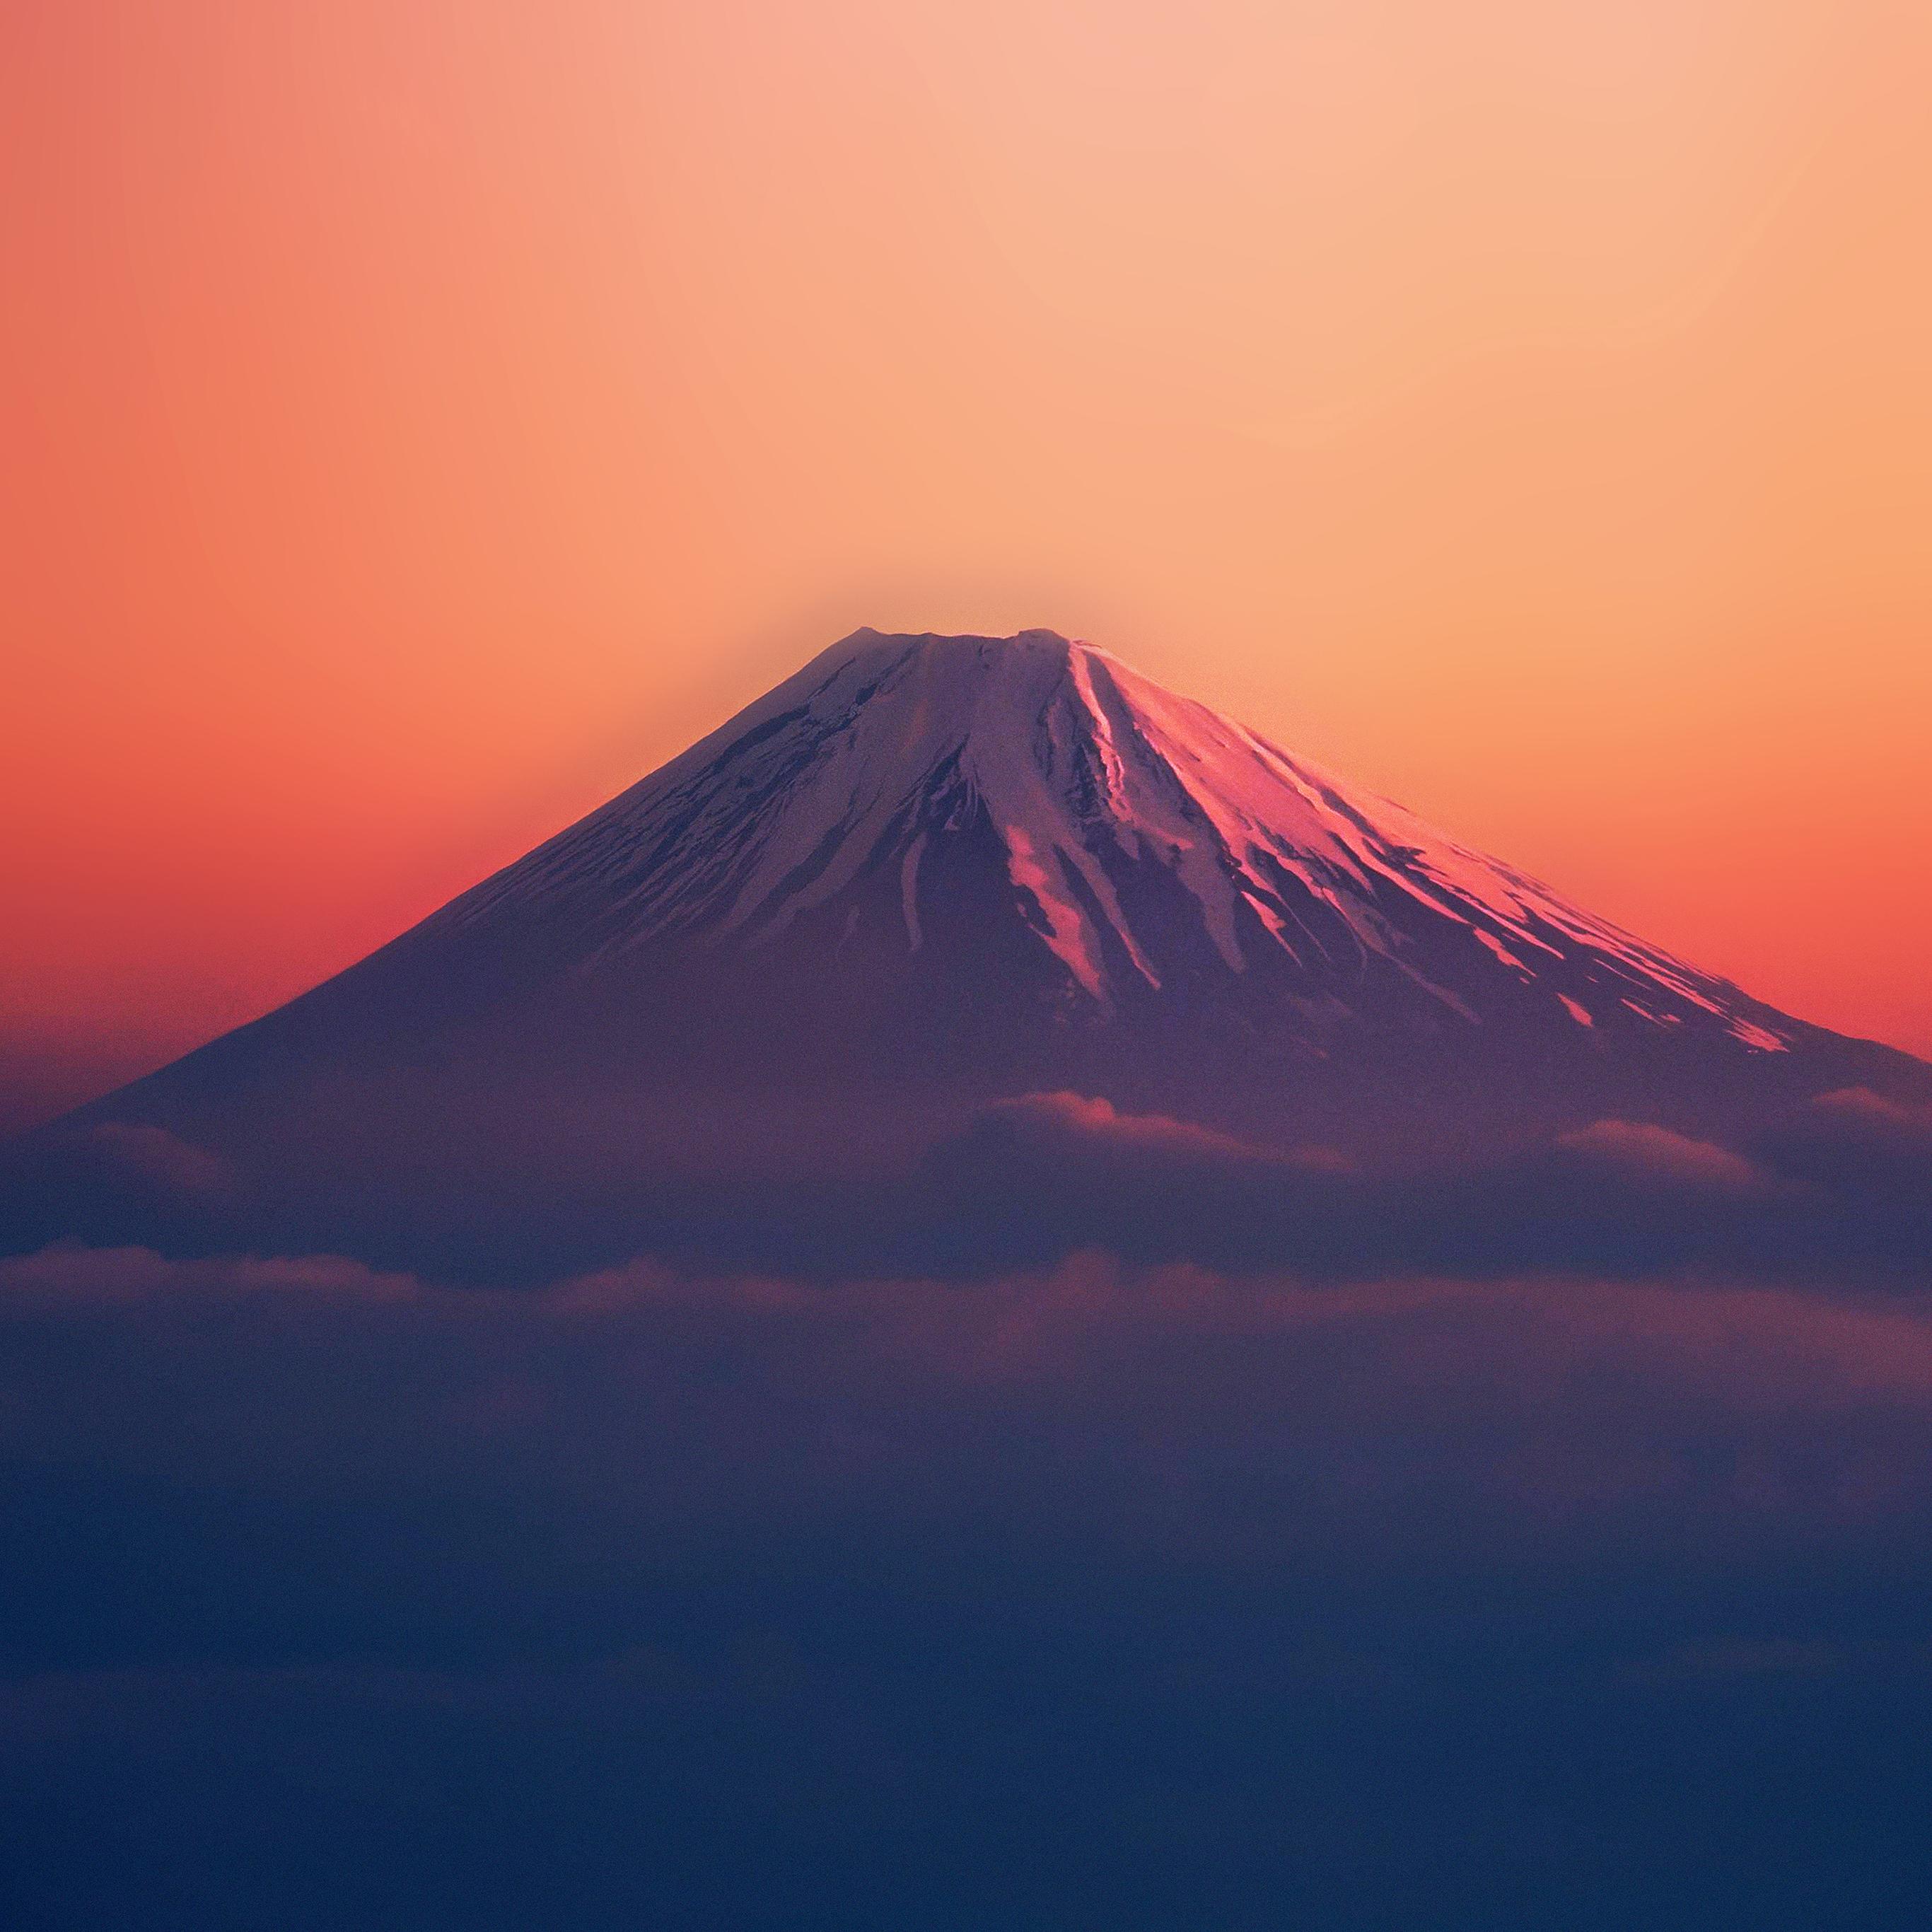 Ad53-fuji-red-mountain-alone-wallpaper